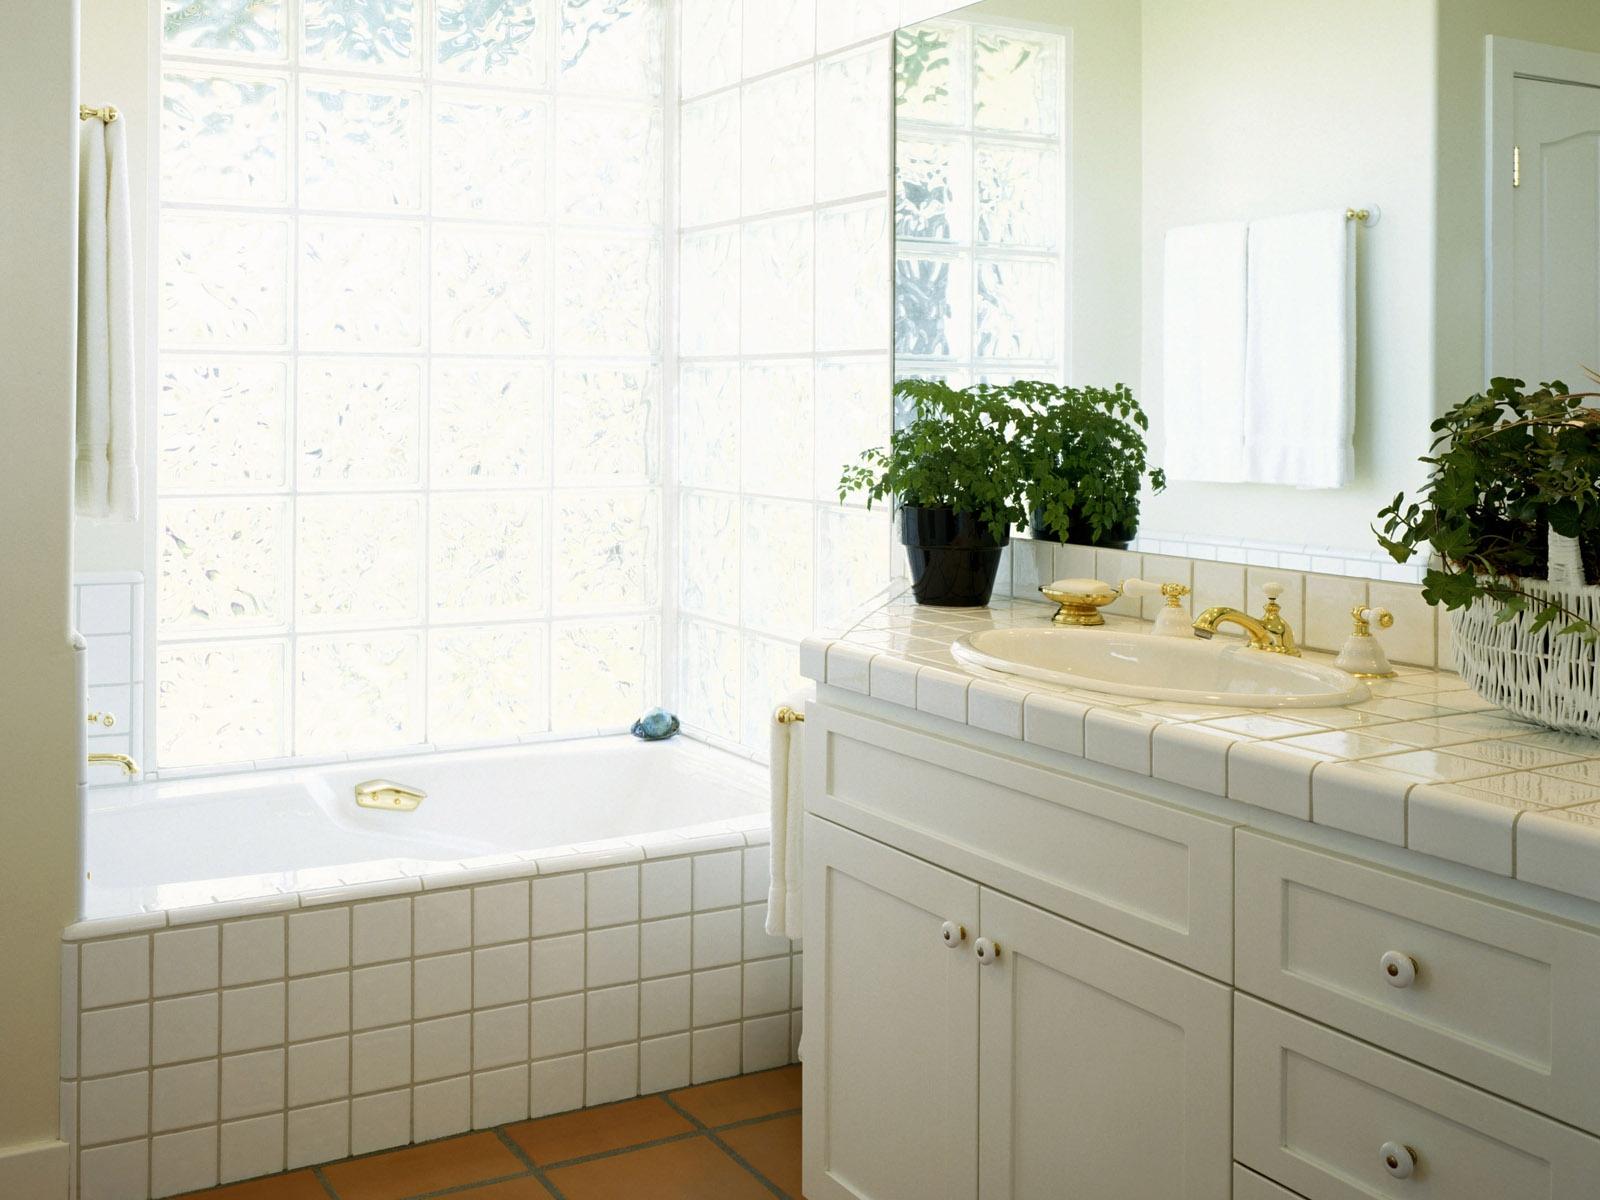 Sfondi fiori camera vasca da bagno piastrelle interior